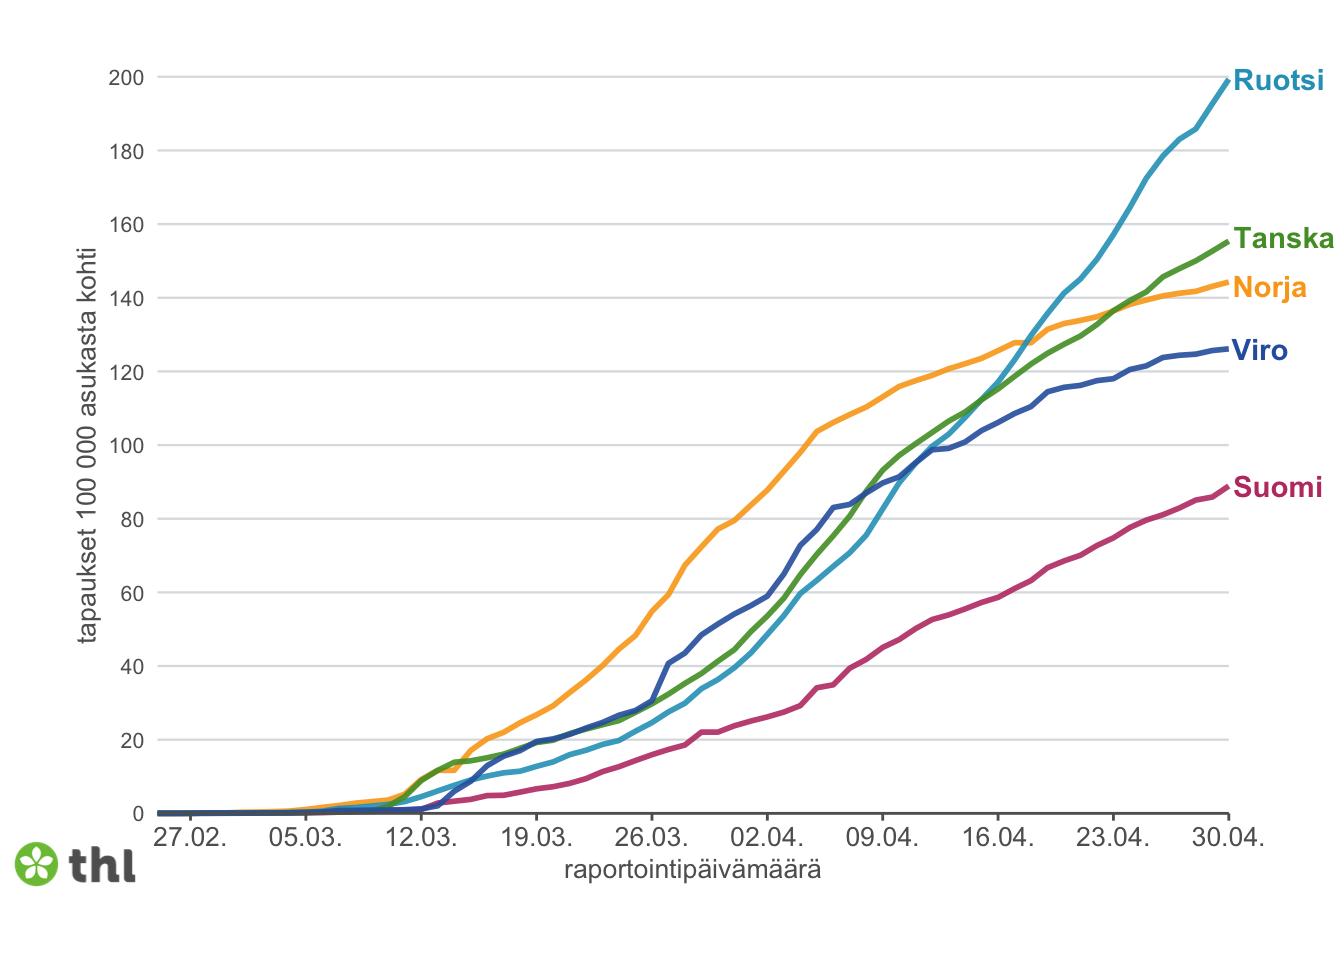 Заболеваемость COVID-19 в Швеции, Дании, Норвегии, Эстонии и Финляндии (сверху вниз)